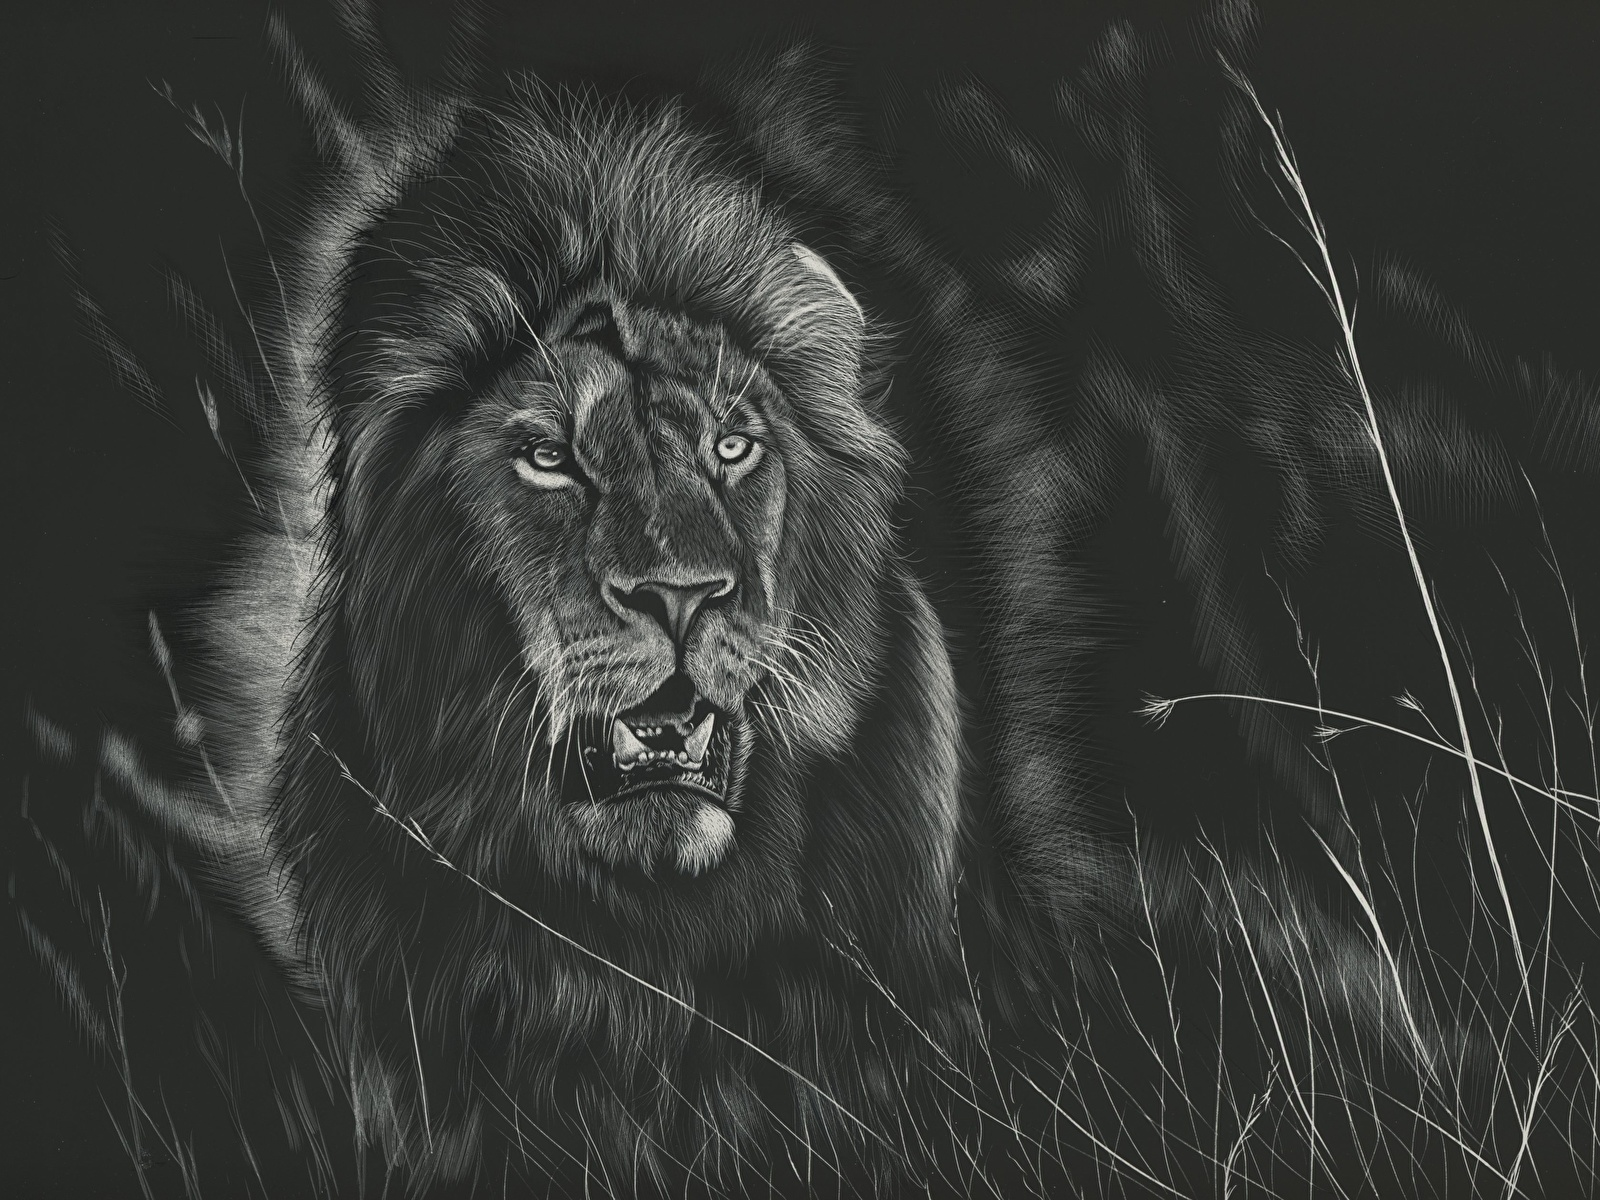 Fonds Decran 1600x1200 Fauve Lions Dessiné Noir Et Blanc